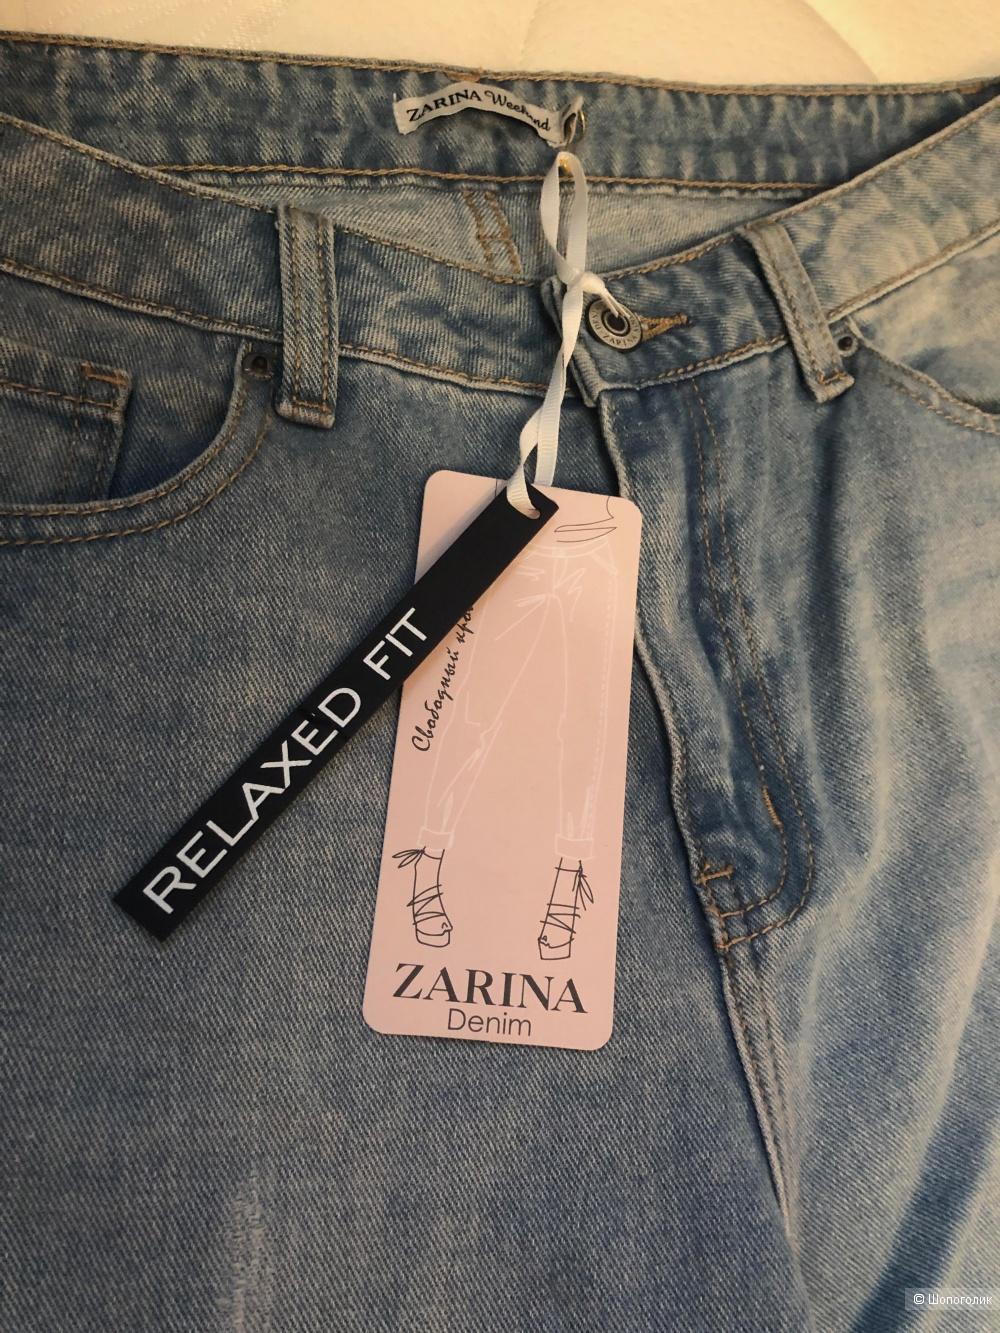 Джинсы Relaxed Fit Zarina Weekend L/XL размер